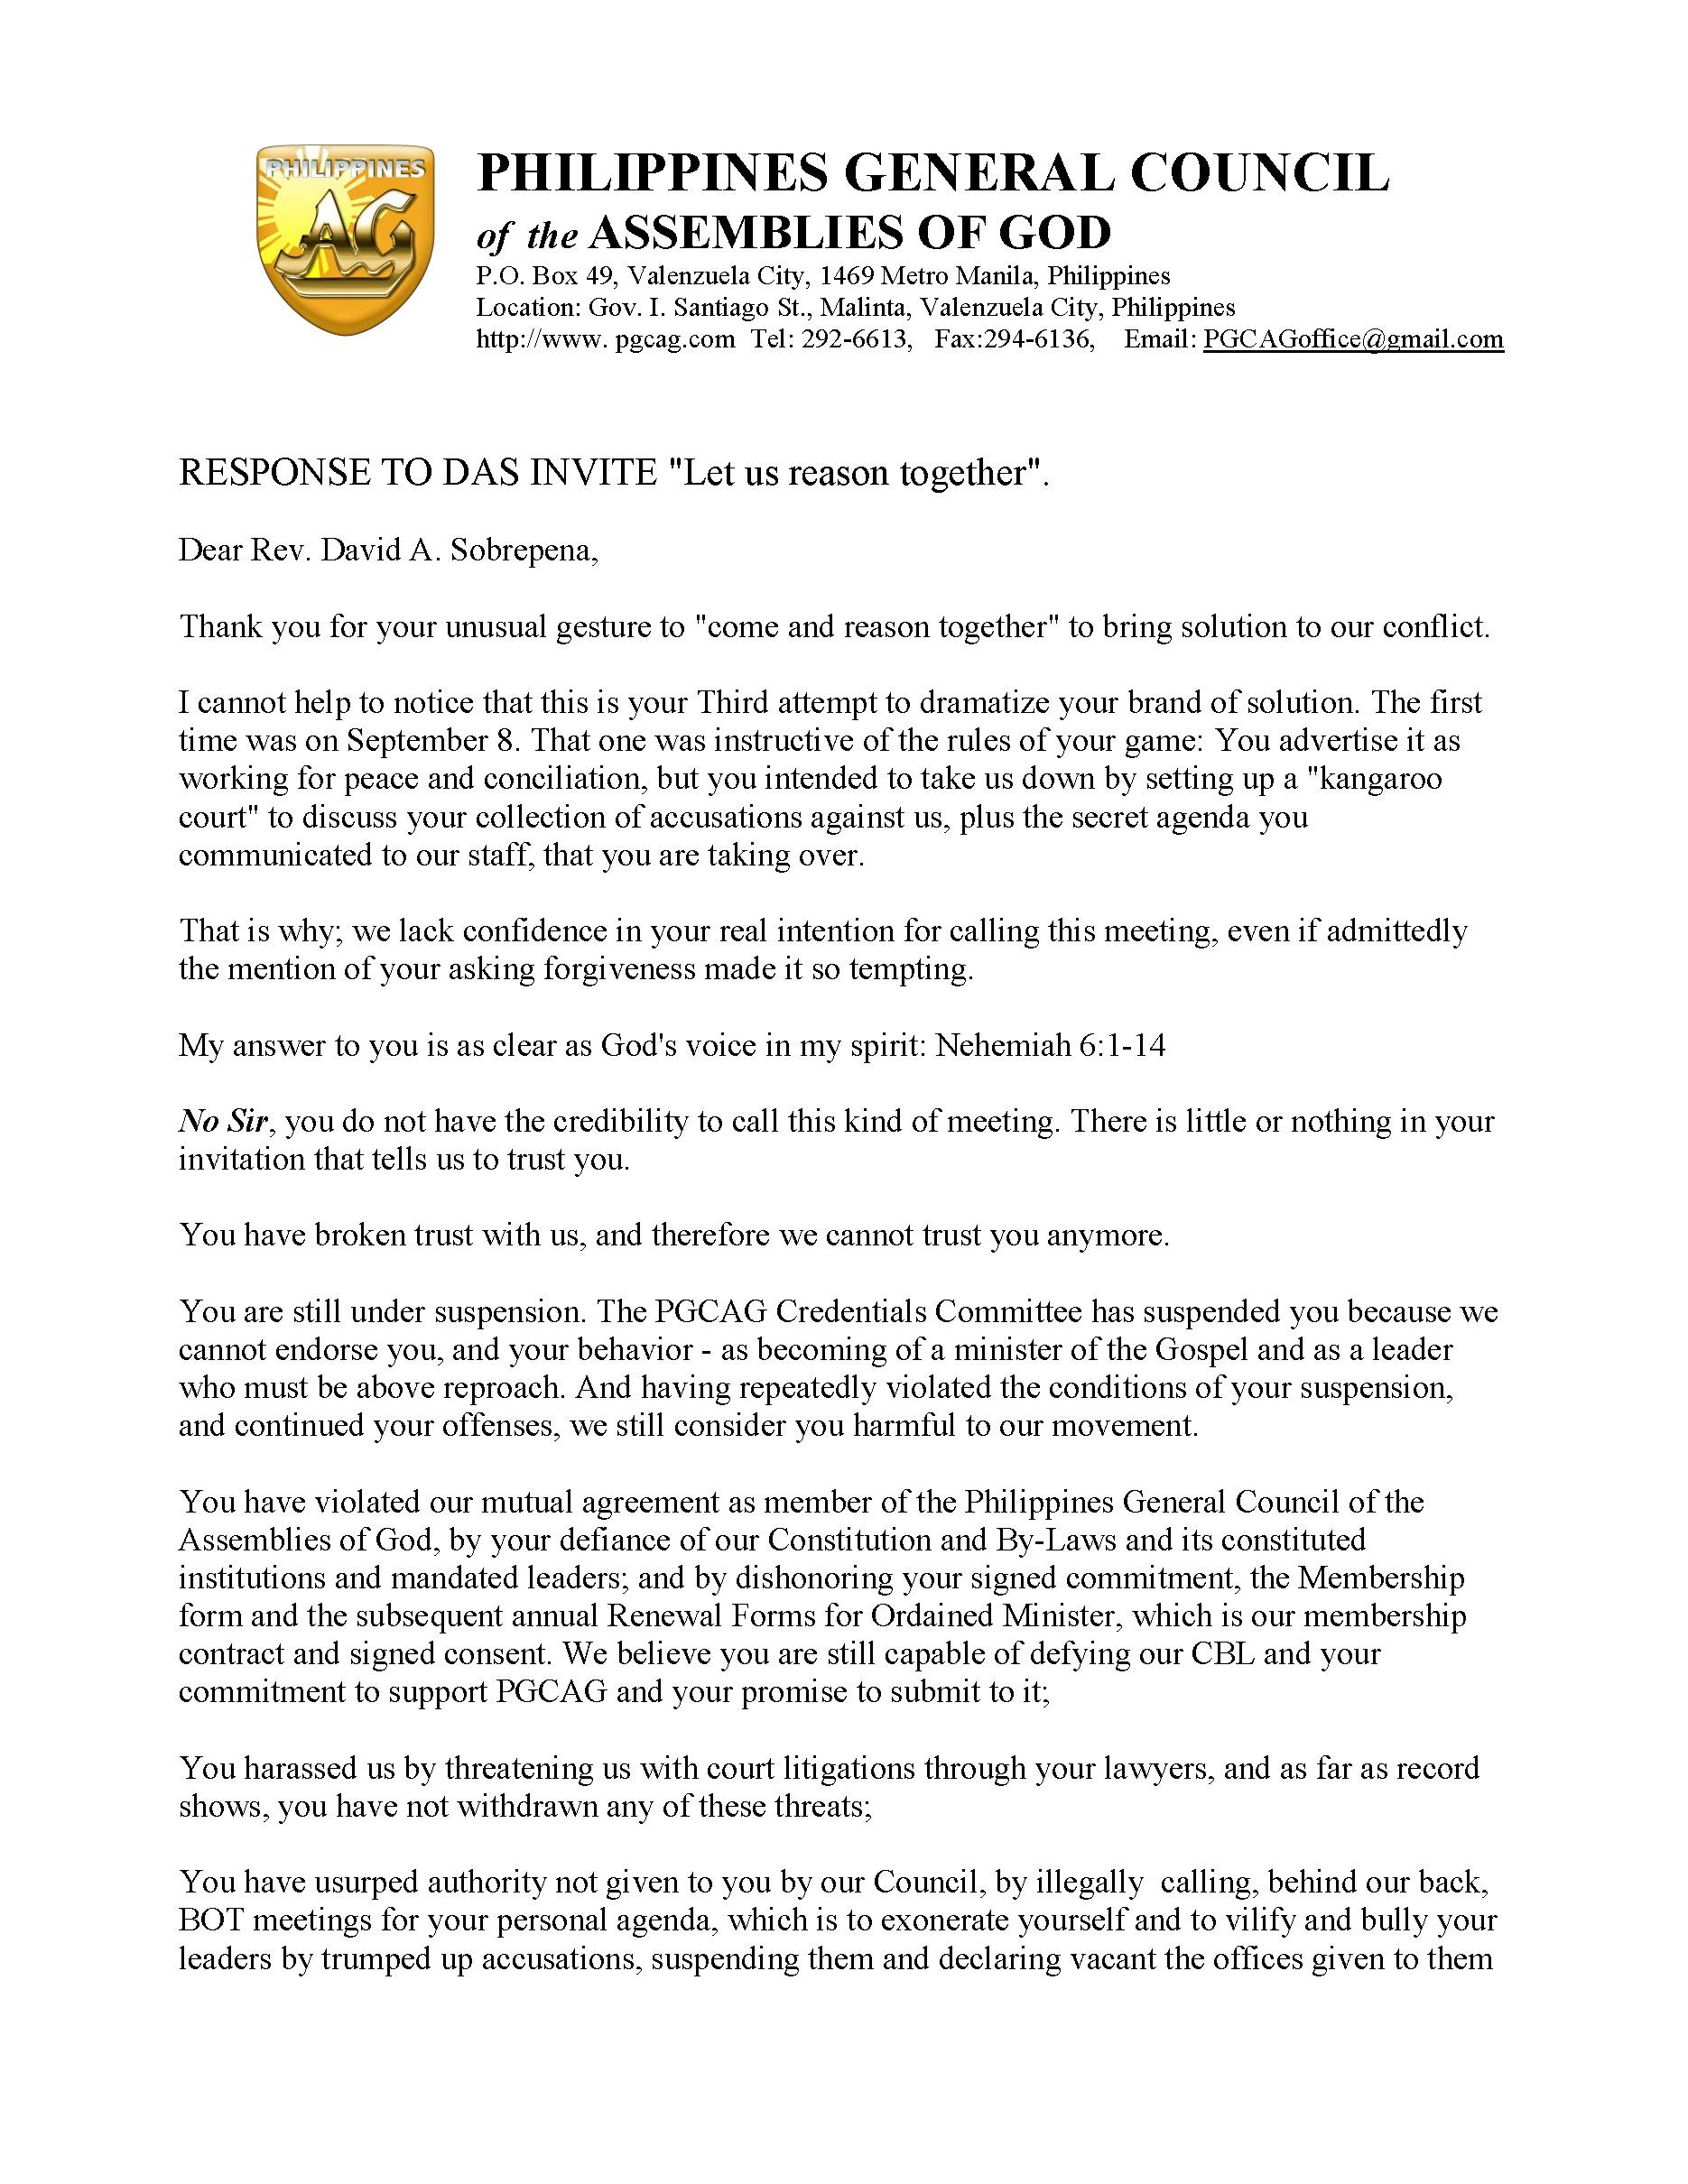 letter response to das